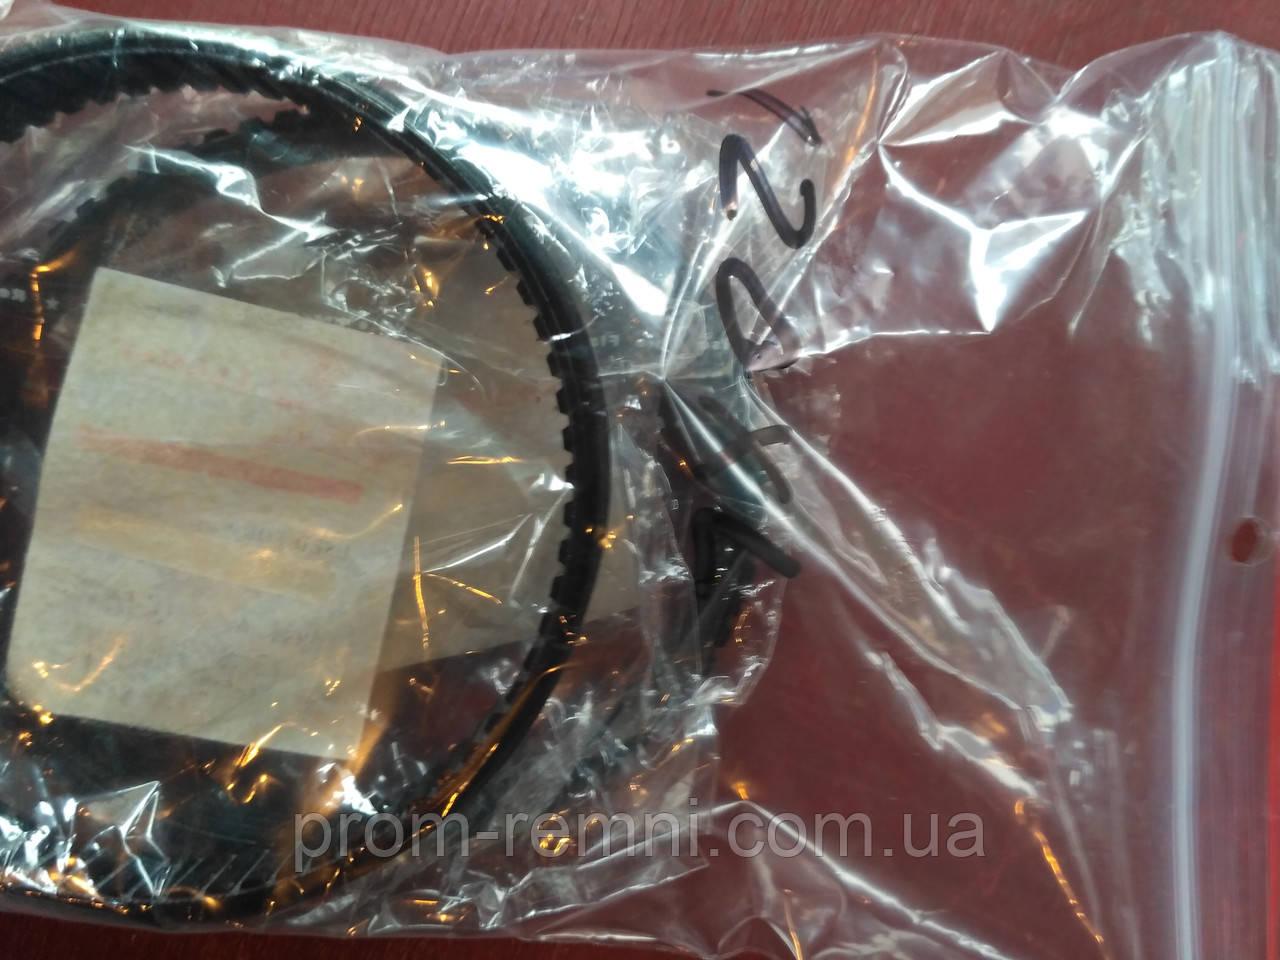 Приводний зубчастий ремінь 120XL (для рубанка)